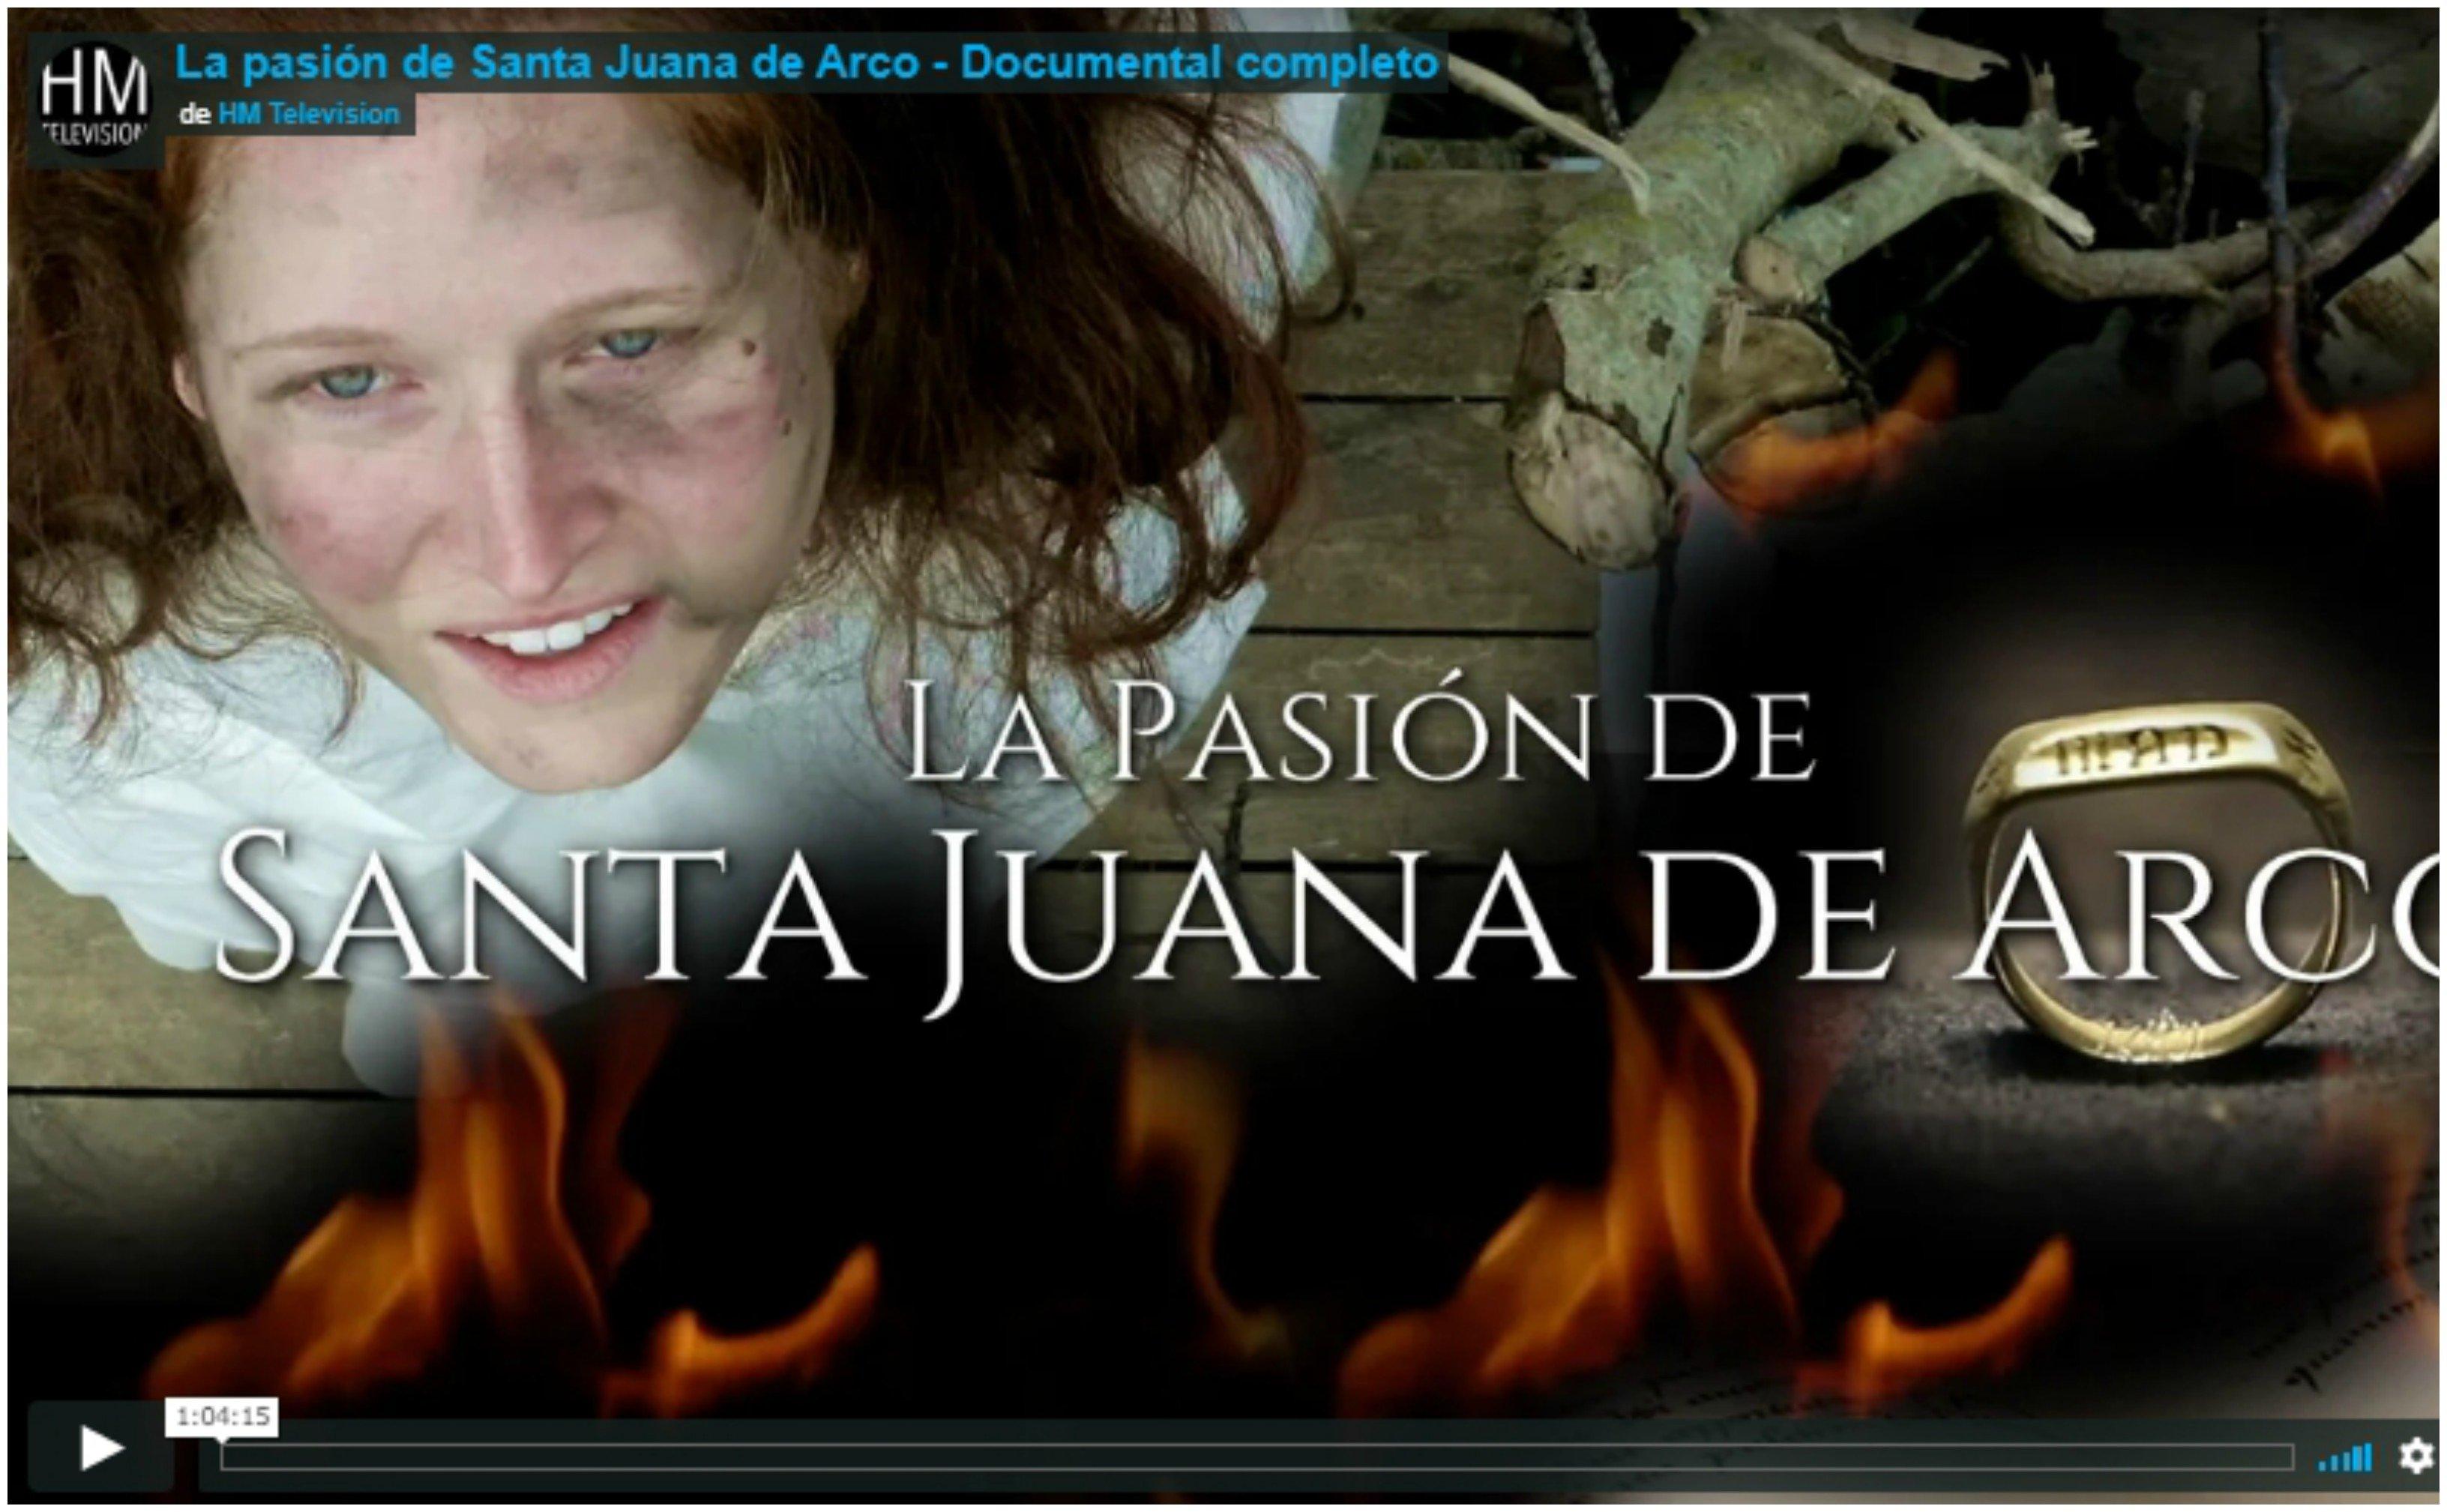 El mejor documental sobre la vida de Juana de Arco